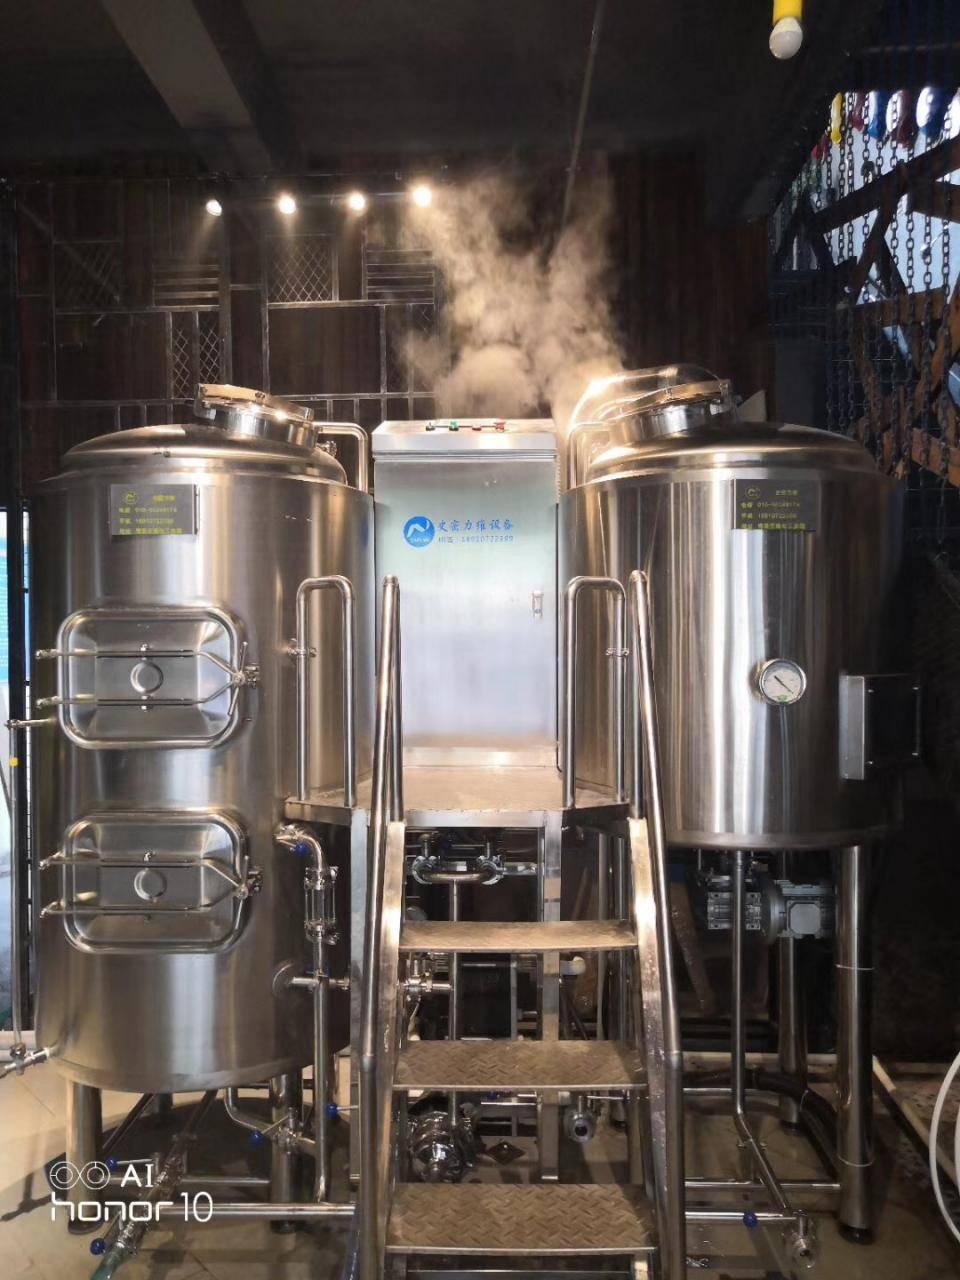 上海专业精酿啤酒设备推荐-哪种啤酒设备更好?-大麦丫-精酿啤酒连锁超市,工厂店平价酒吧免费加盟